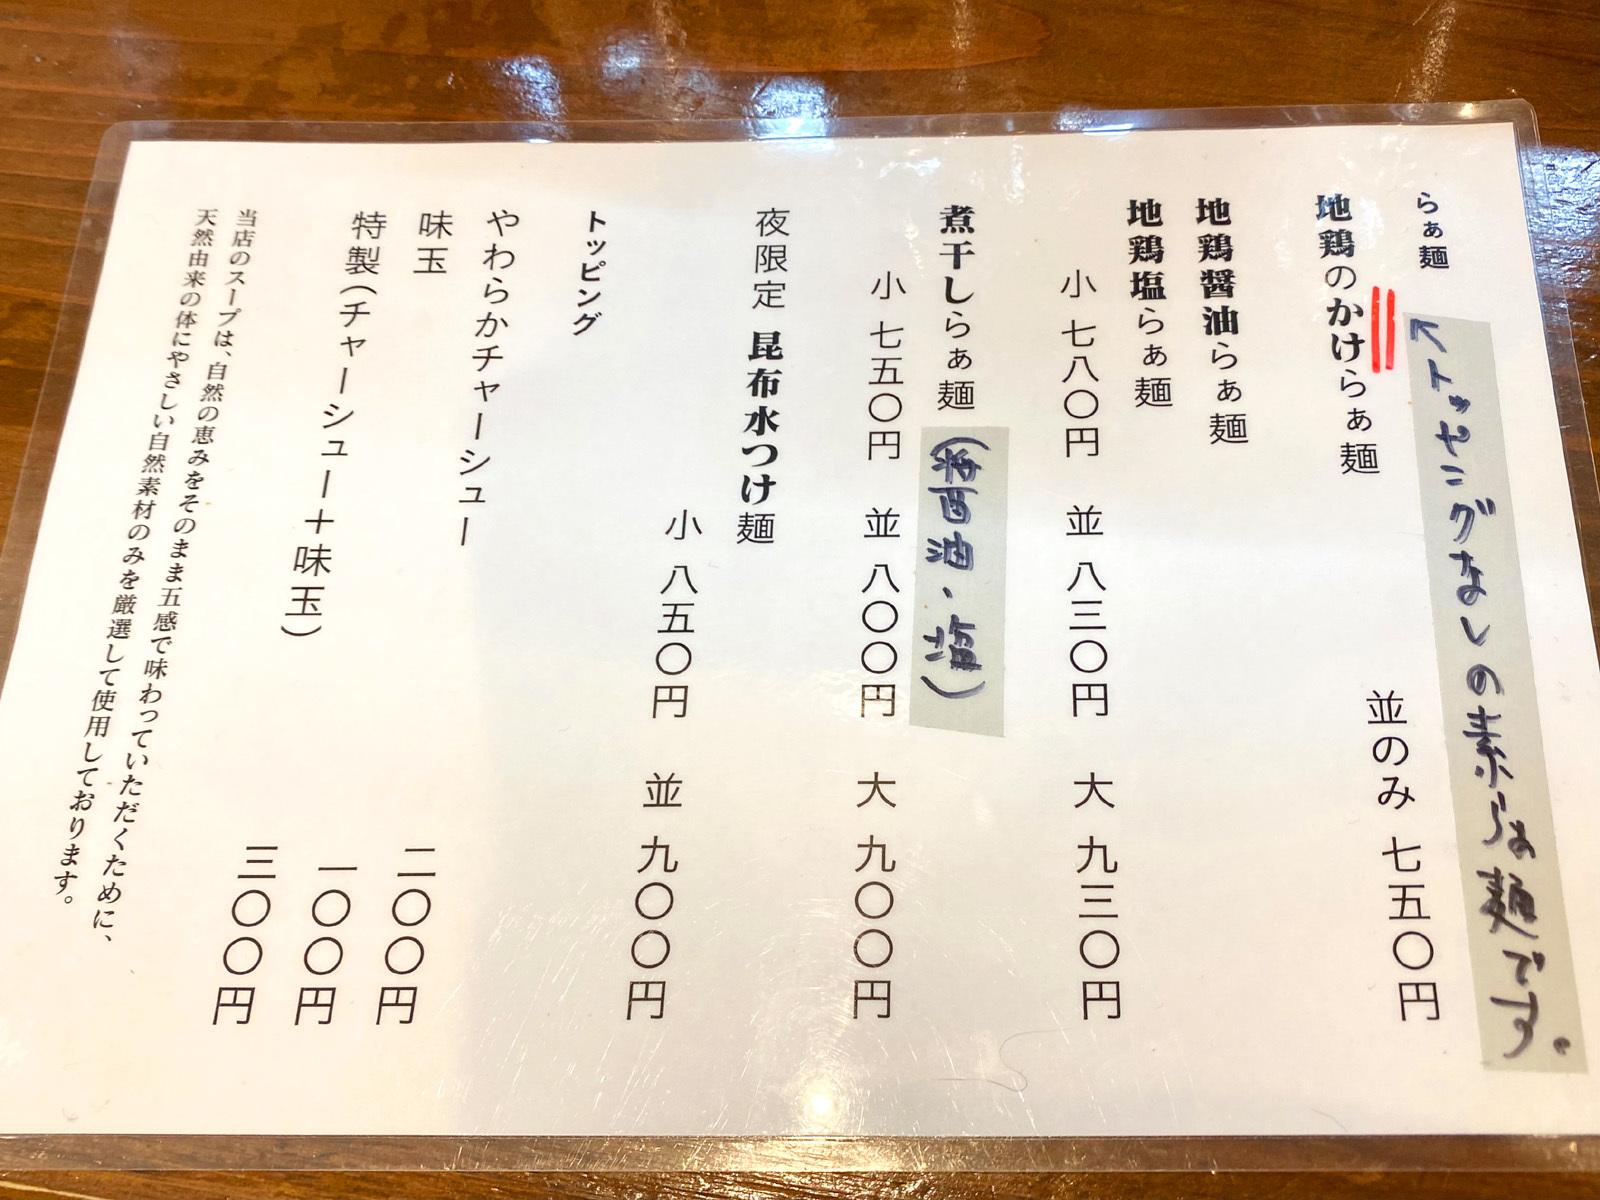 らぁ麺すずむし 春 02 メニュー